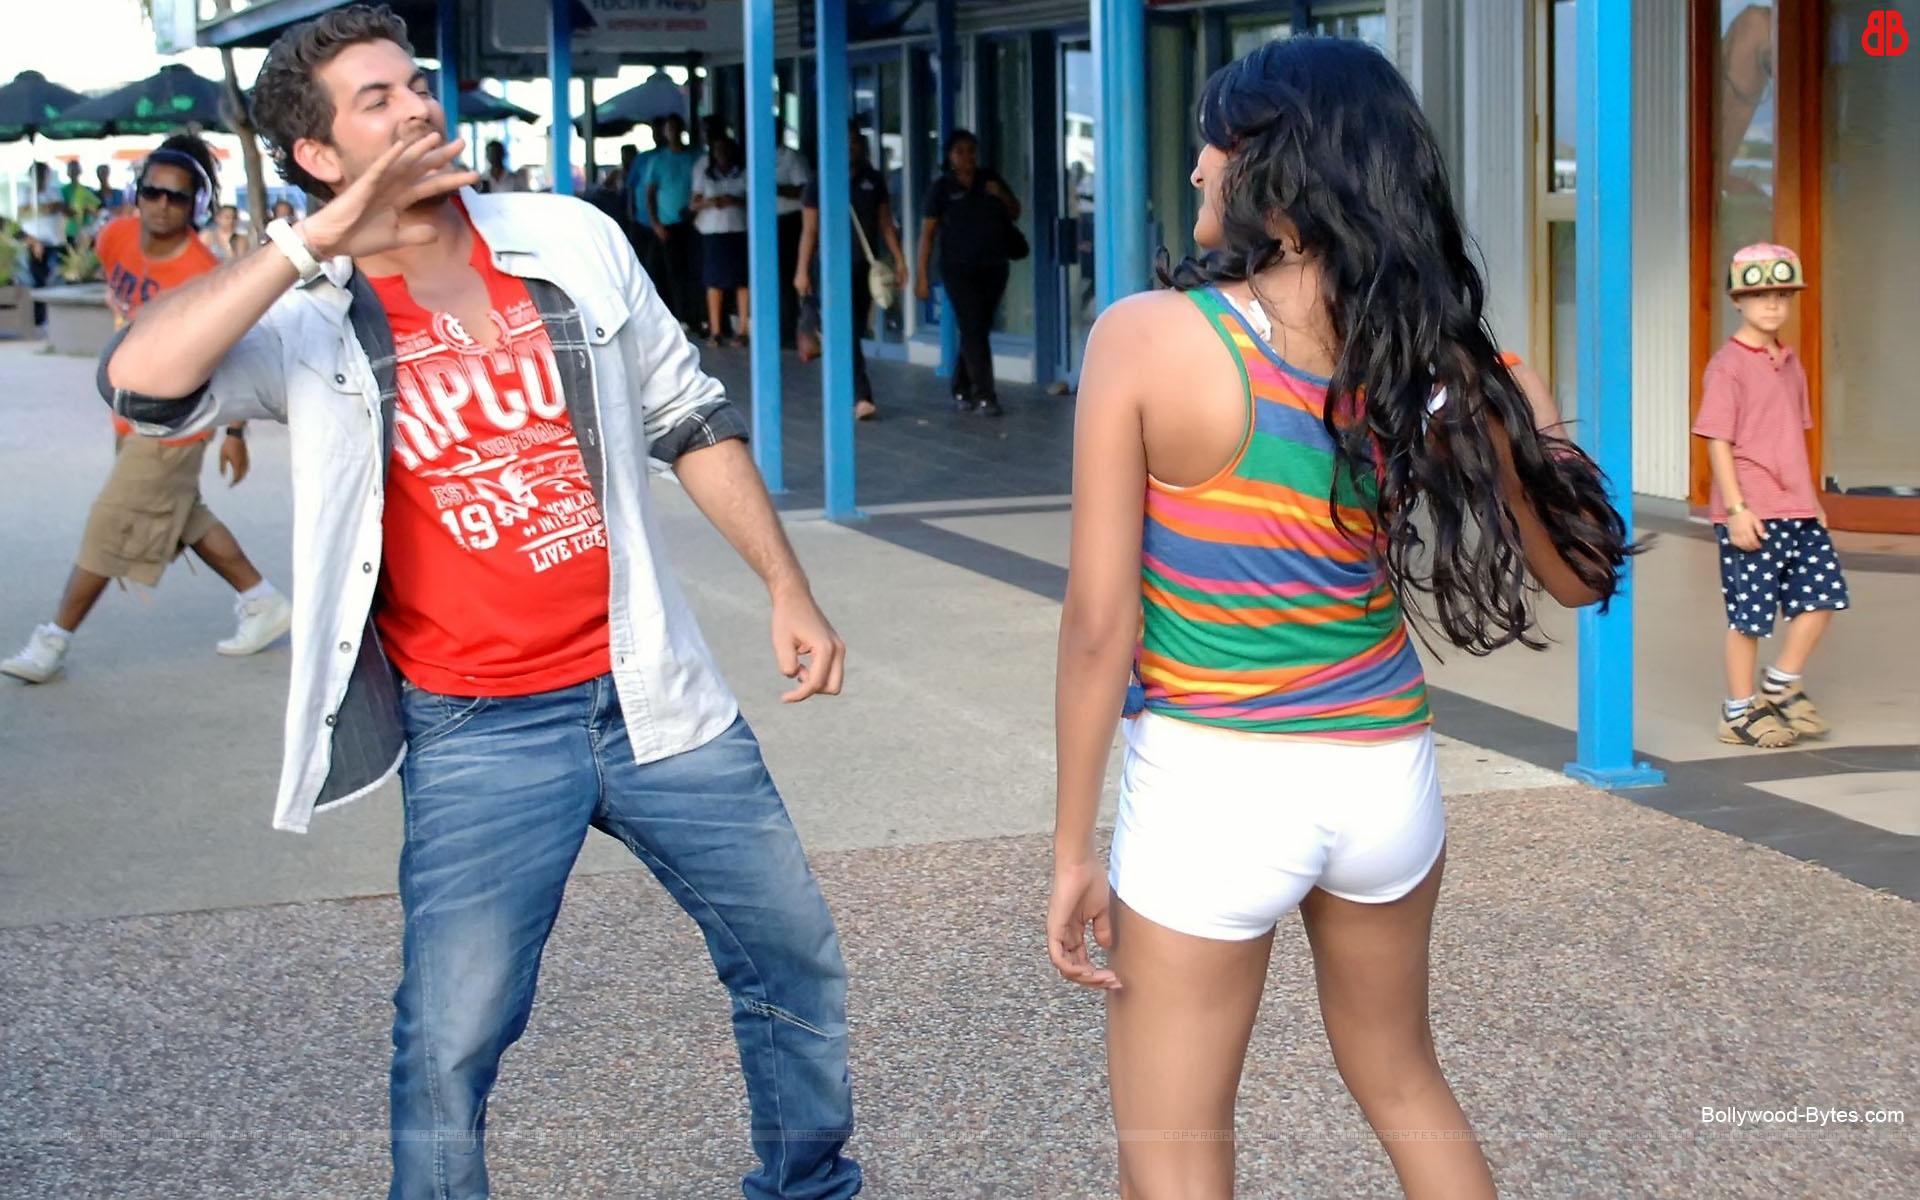 http://1.bp.blogspot.com/-YFsNPsq3uqA/UTrjnK72JFI/AAAAAAAAcZI/pCVUWNvlNuI/s1920/3G-+Hot-Sonal-Chauhan-Neil-Nitin-Mukesh-HD-Wallpaper-17.jpg